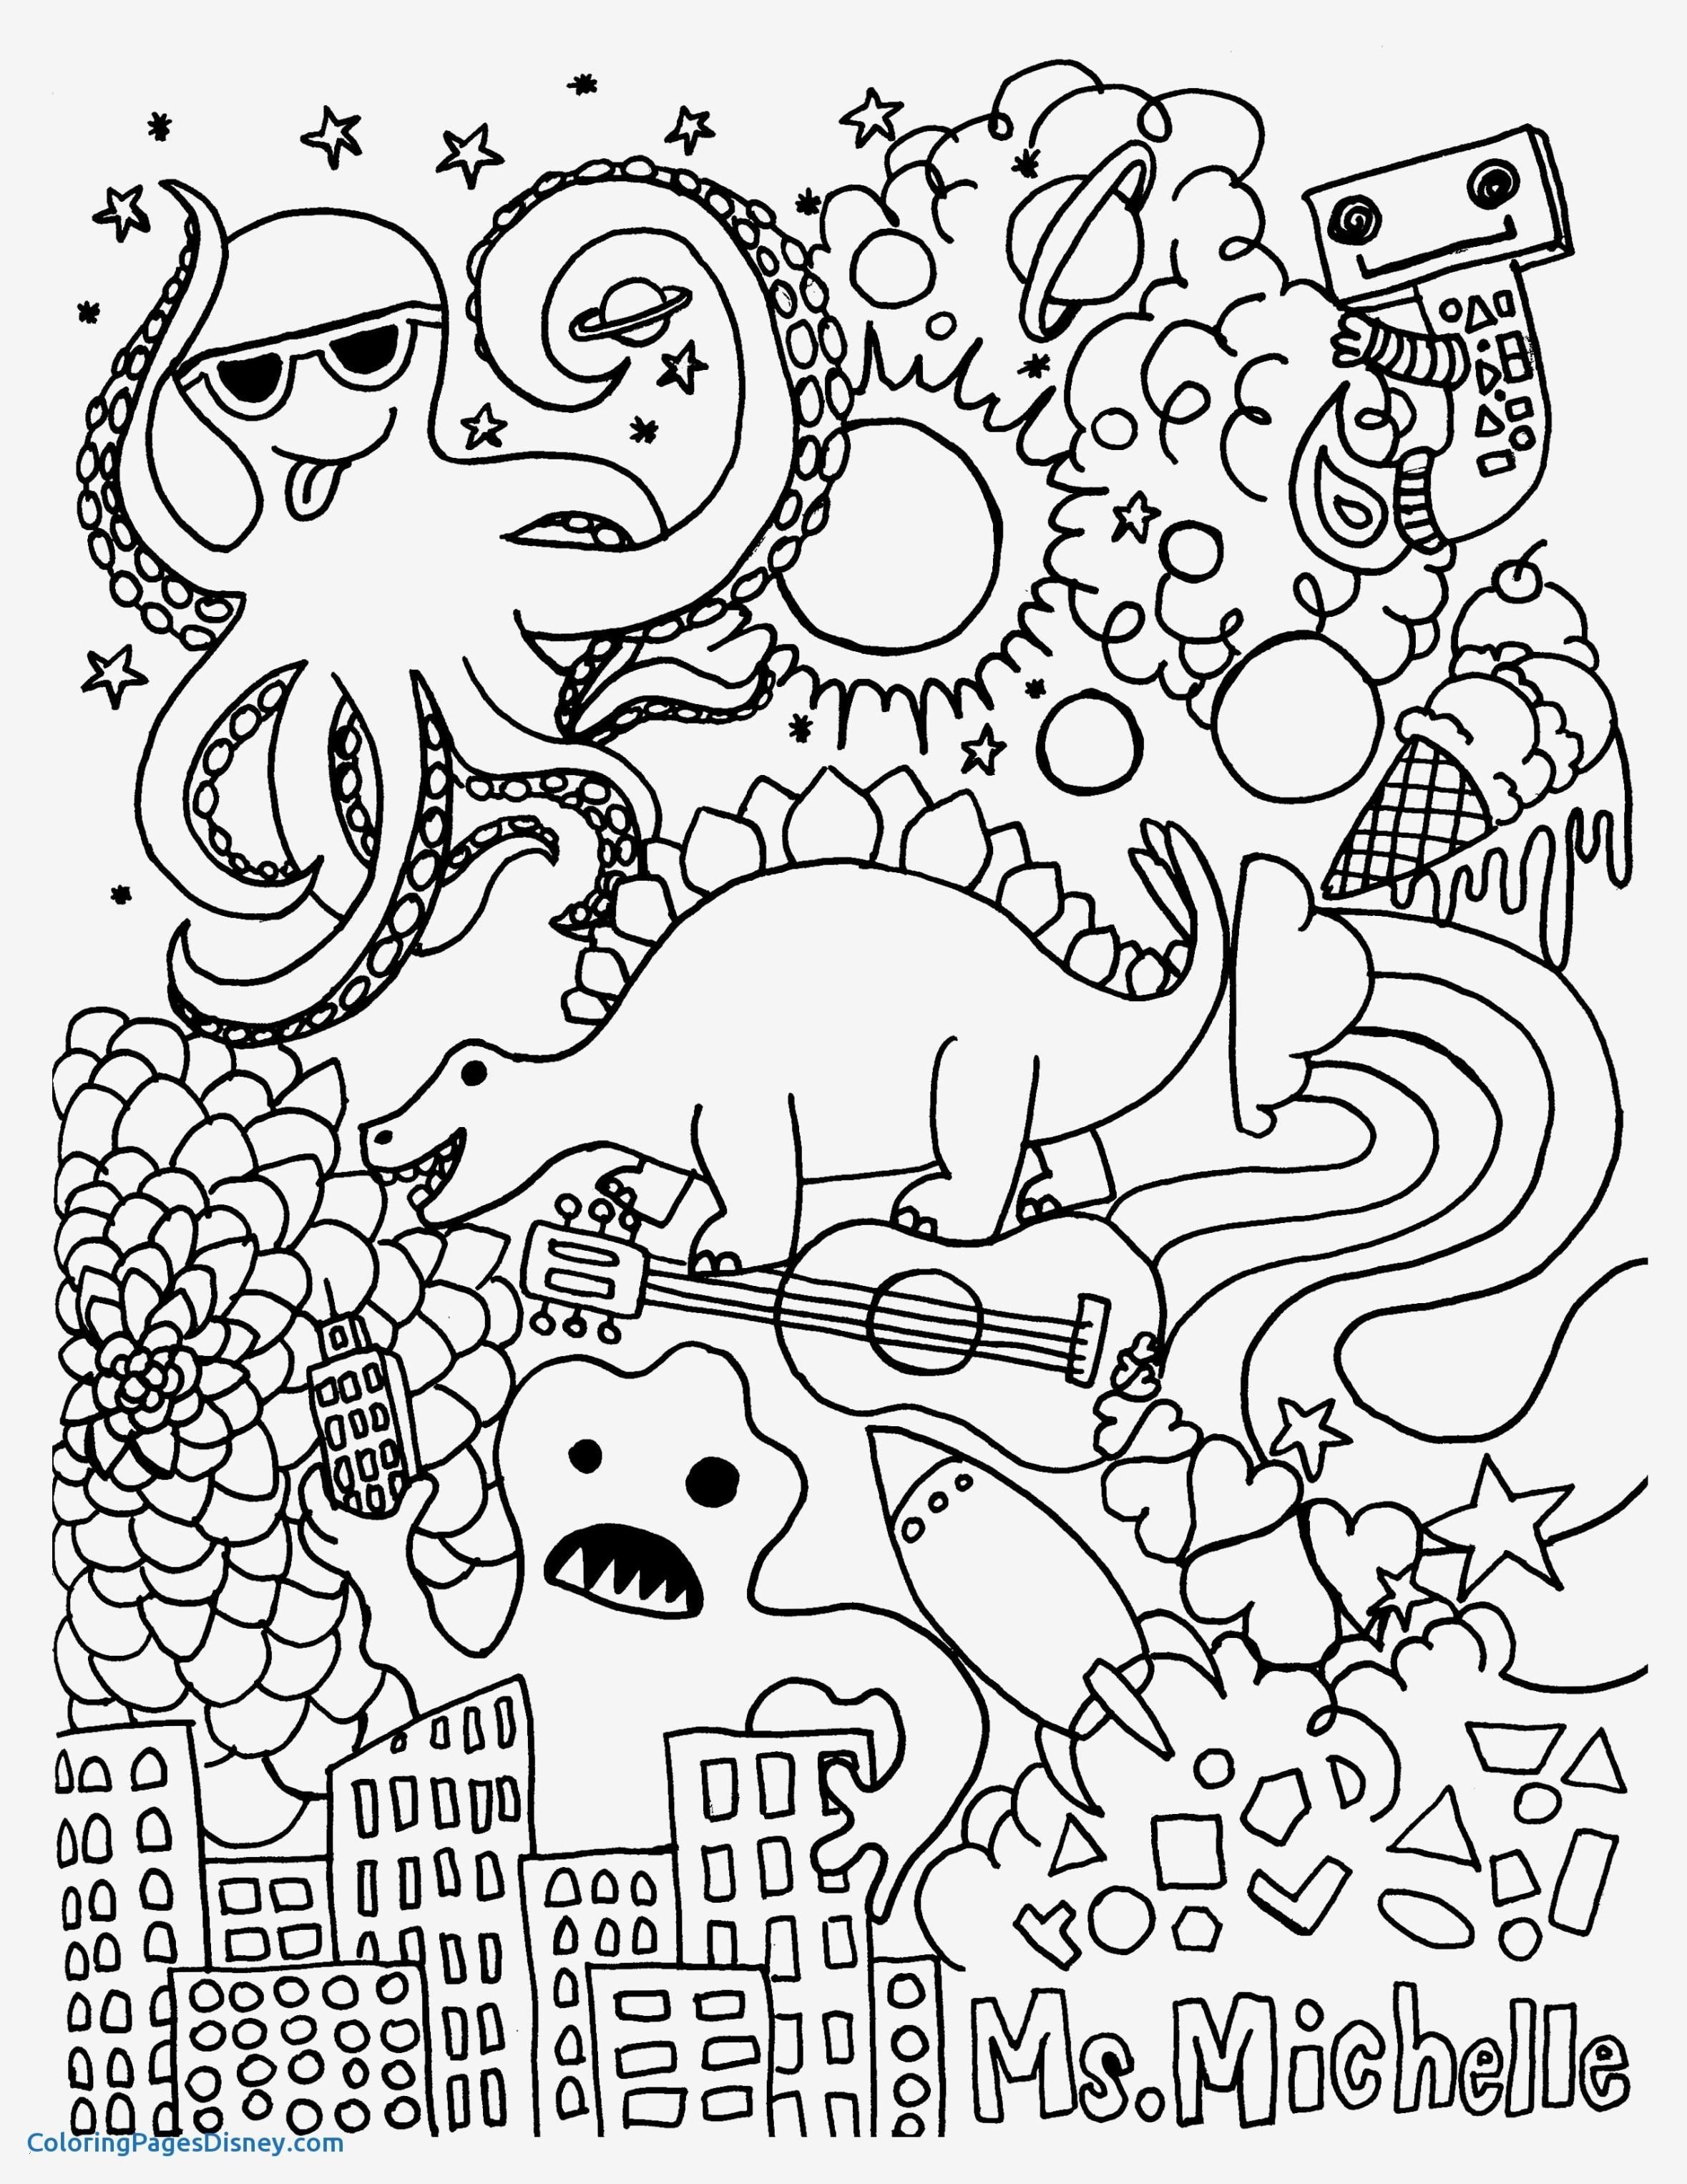 Arche Noah Ausmalbild Neu Noah Und Die Arche Malvorlagen Bewundernswert Ausmalbilder Trolls Fotografieren